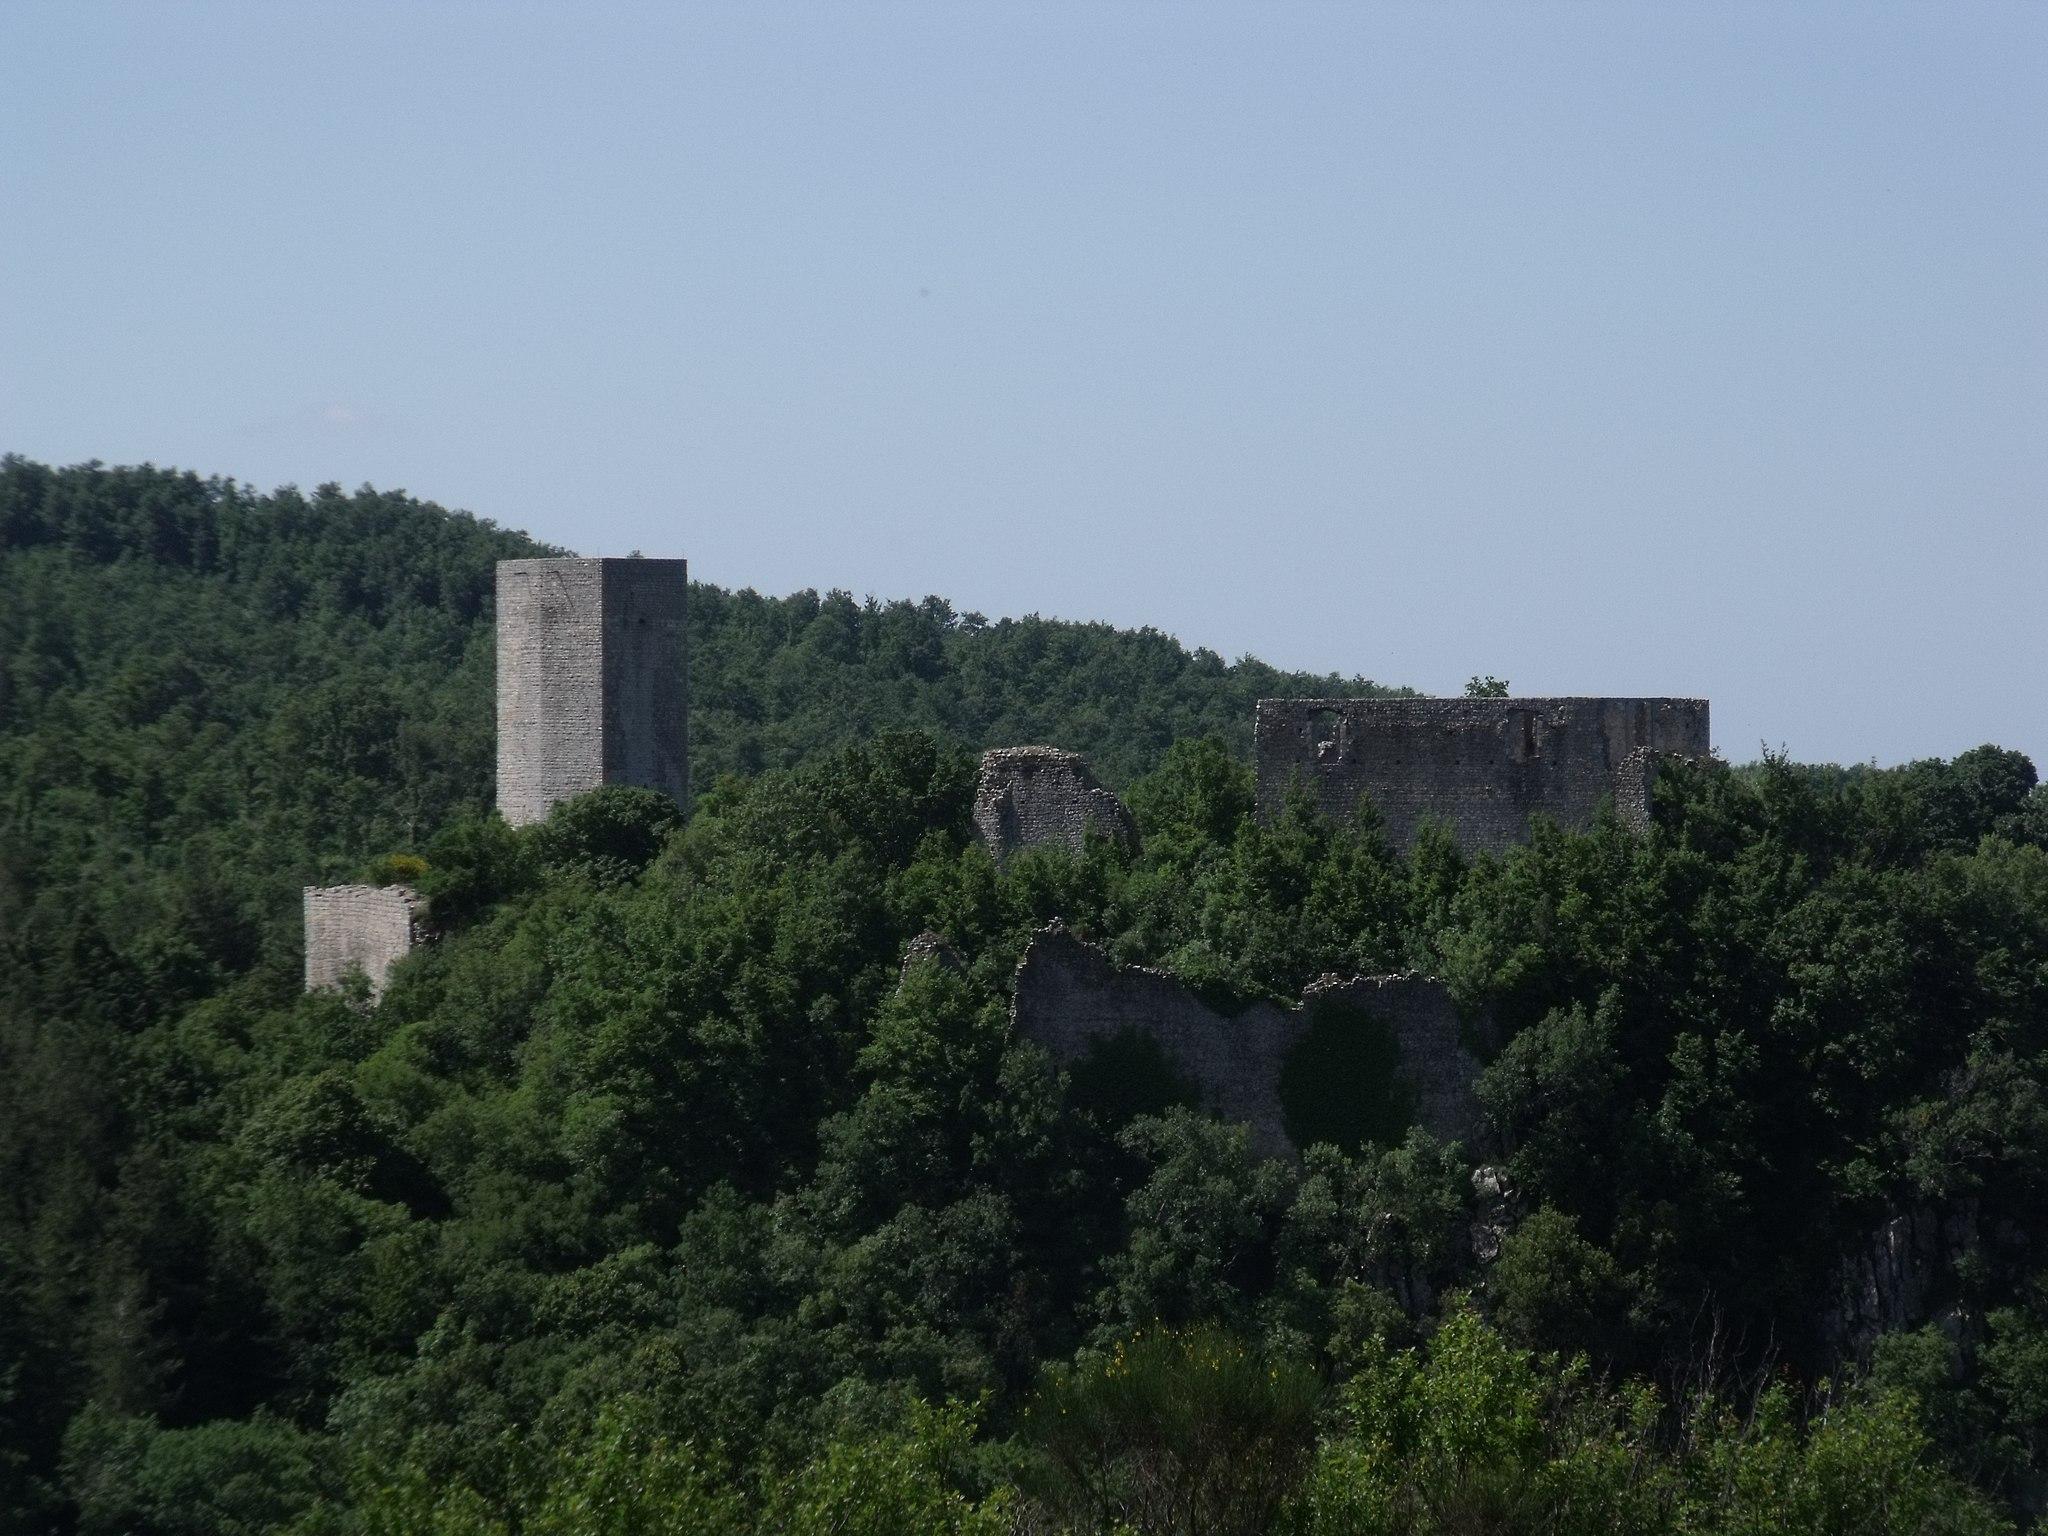 Castle Rocca Silvana near Selvena, Castell'Azzara, Monte Amiata Area